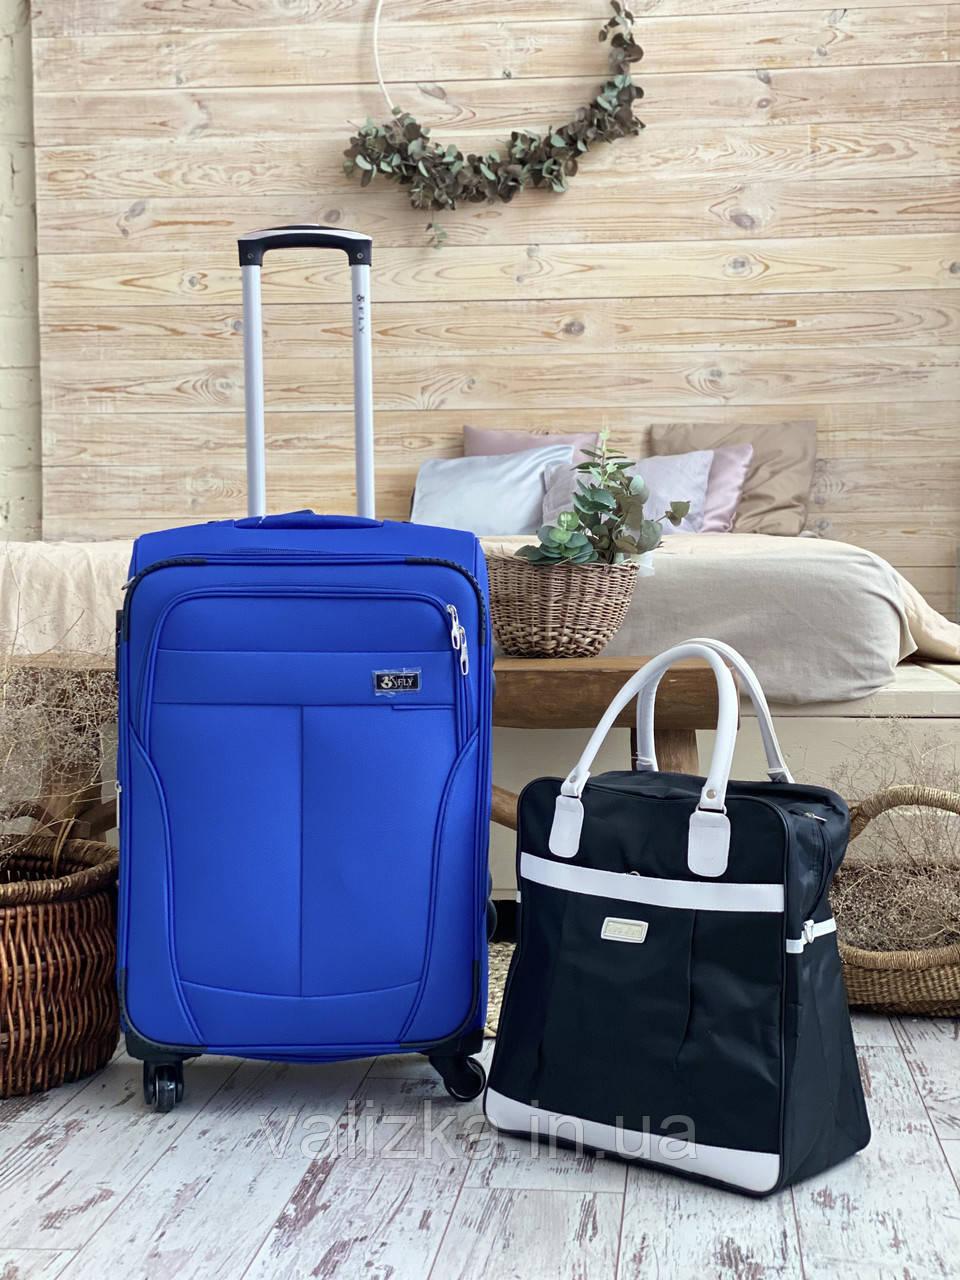 Большой текстильный чемодан тканевый 4 колеса синий